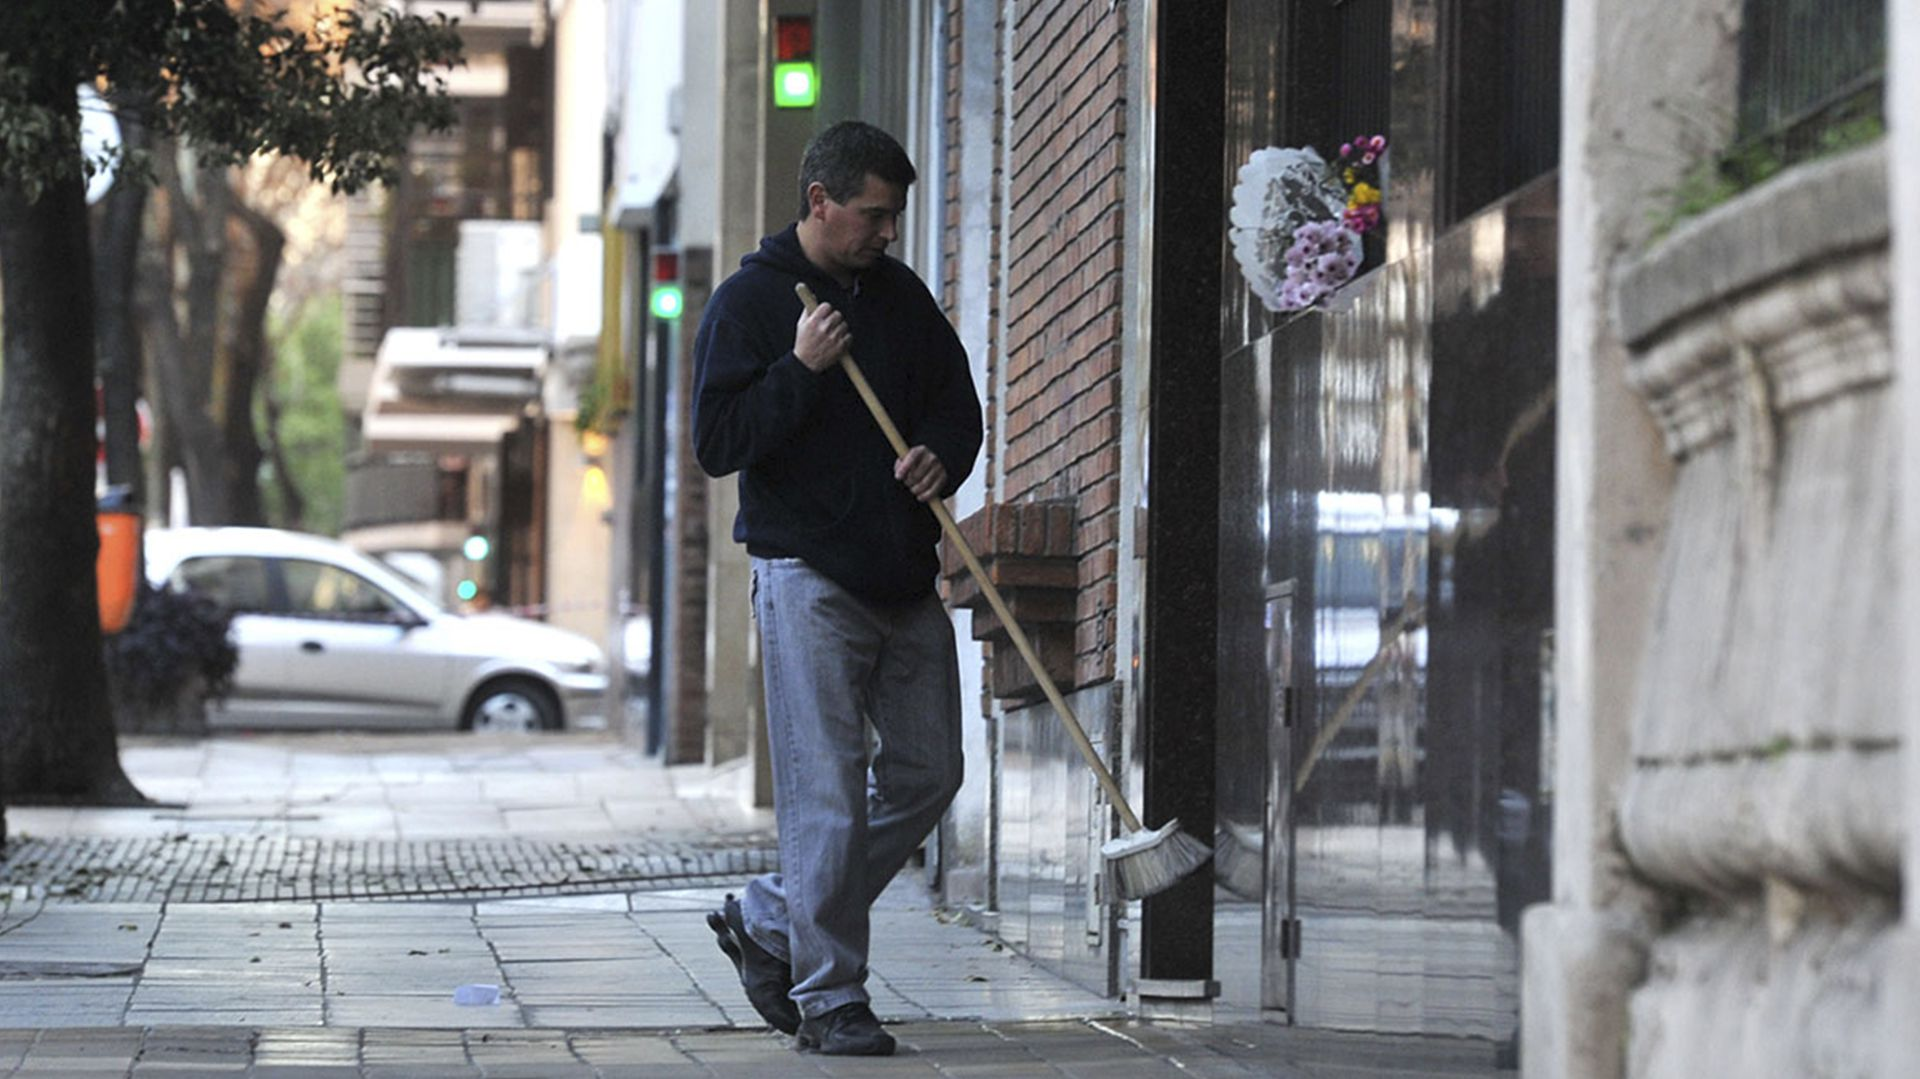 El Gobierno porteño anunció un convenio con el sindicato de encargados de edificio para adoptar medidas de prevención y promver acciones solidarias (Télam)